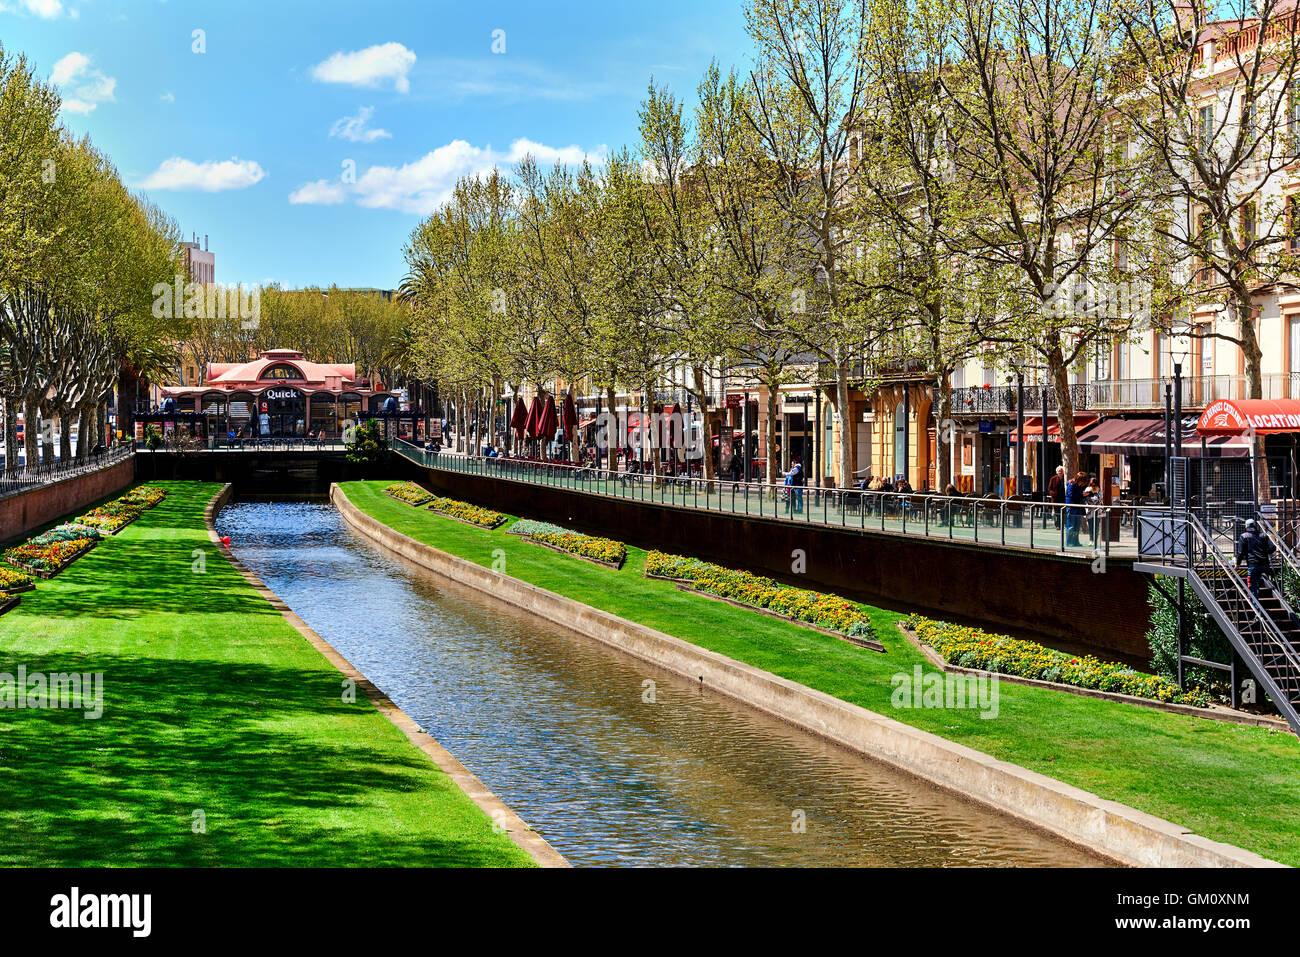 Vue de le Canal de Perpignan au printemps Photo Stock